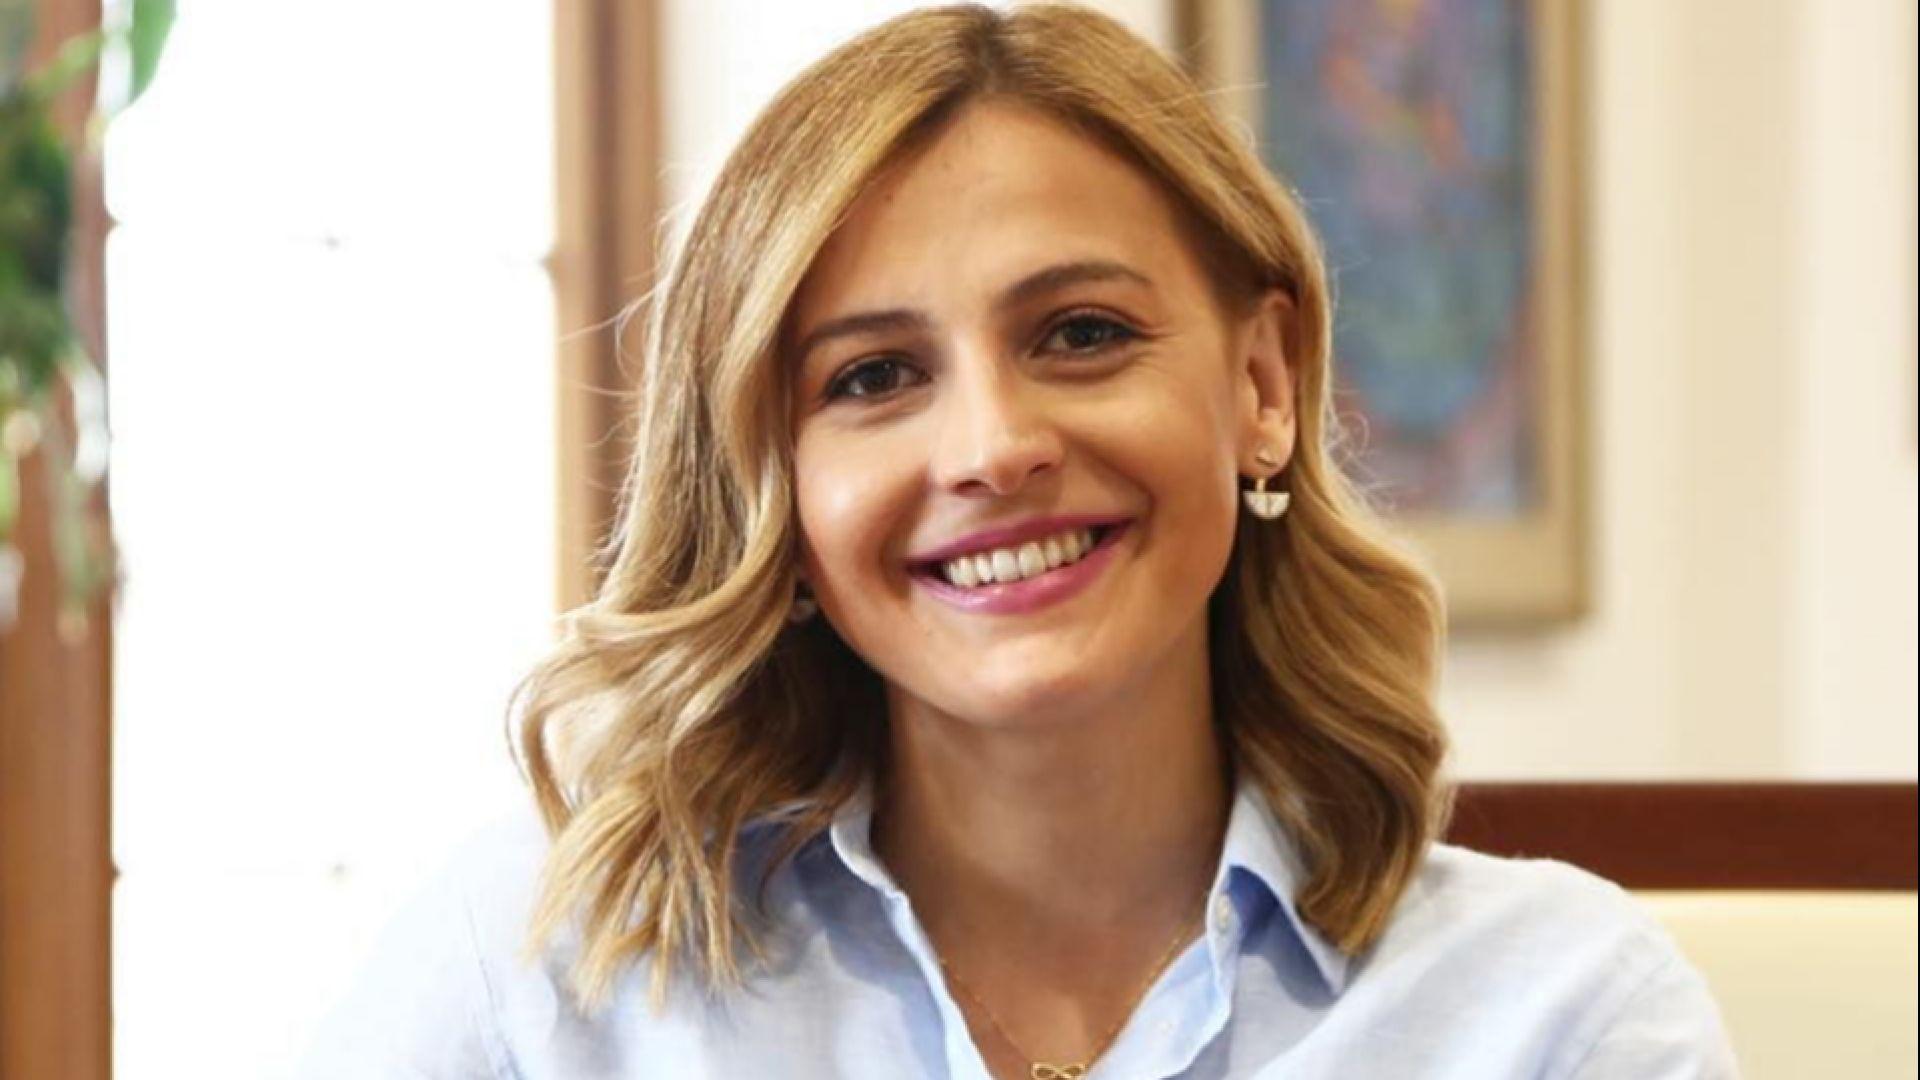 В Скопие разследват финансовата министърка, изтеглила парите си от банка преди тя да фалира